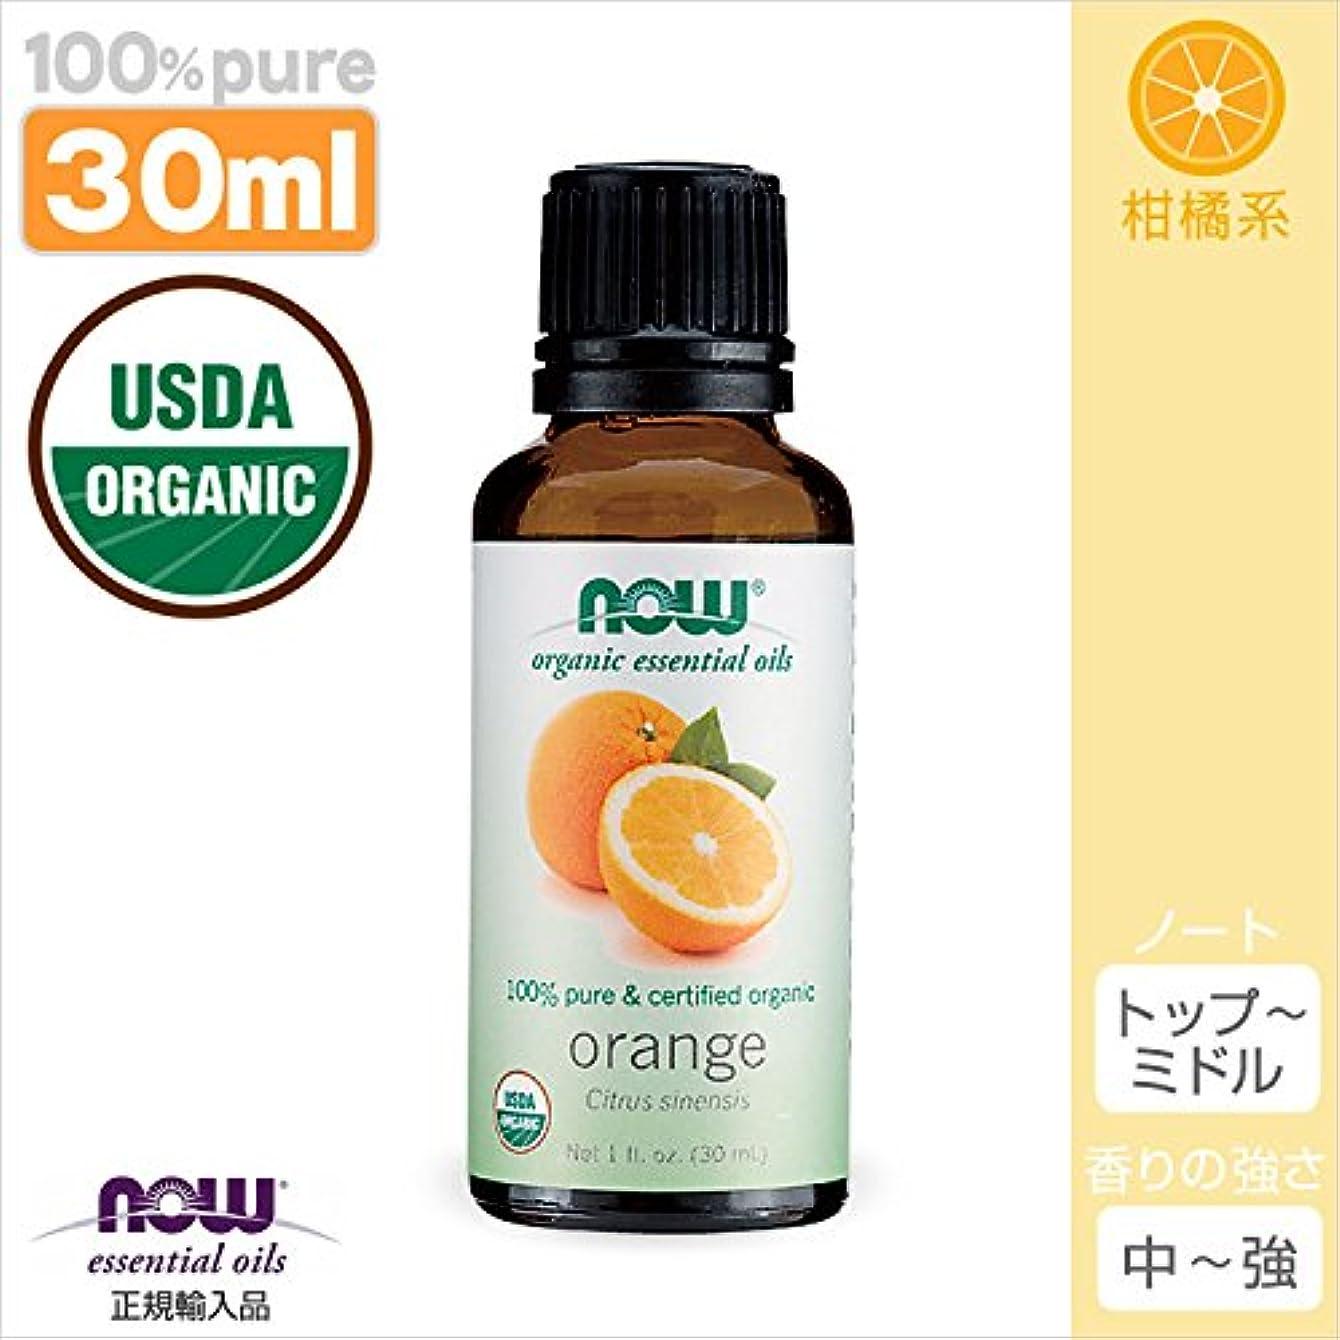 インシュレータせがむ覆すオレンジ精油オーガニック[30ml] 【正規輸入品】 NOWエッセンシャルオイル(アロマオイル)